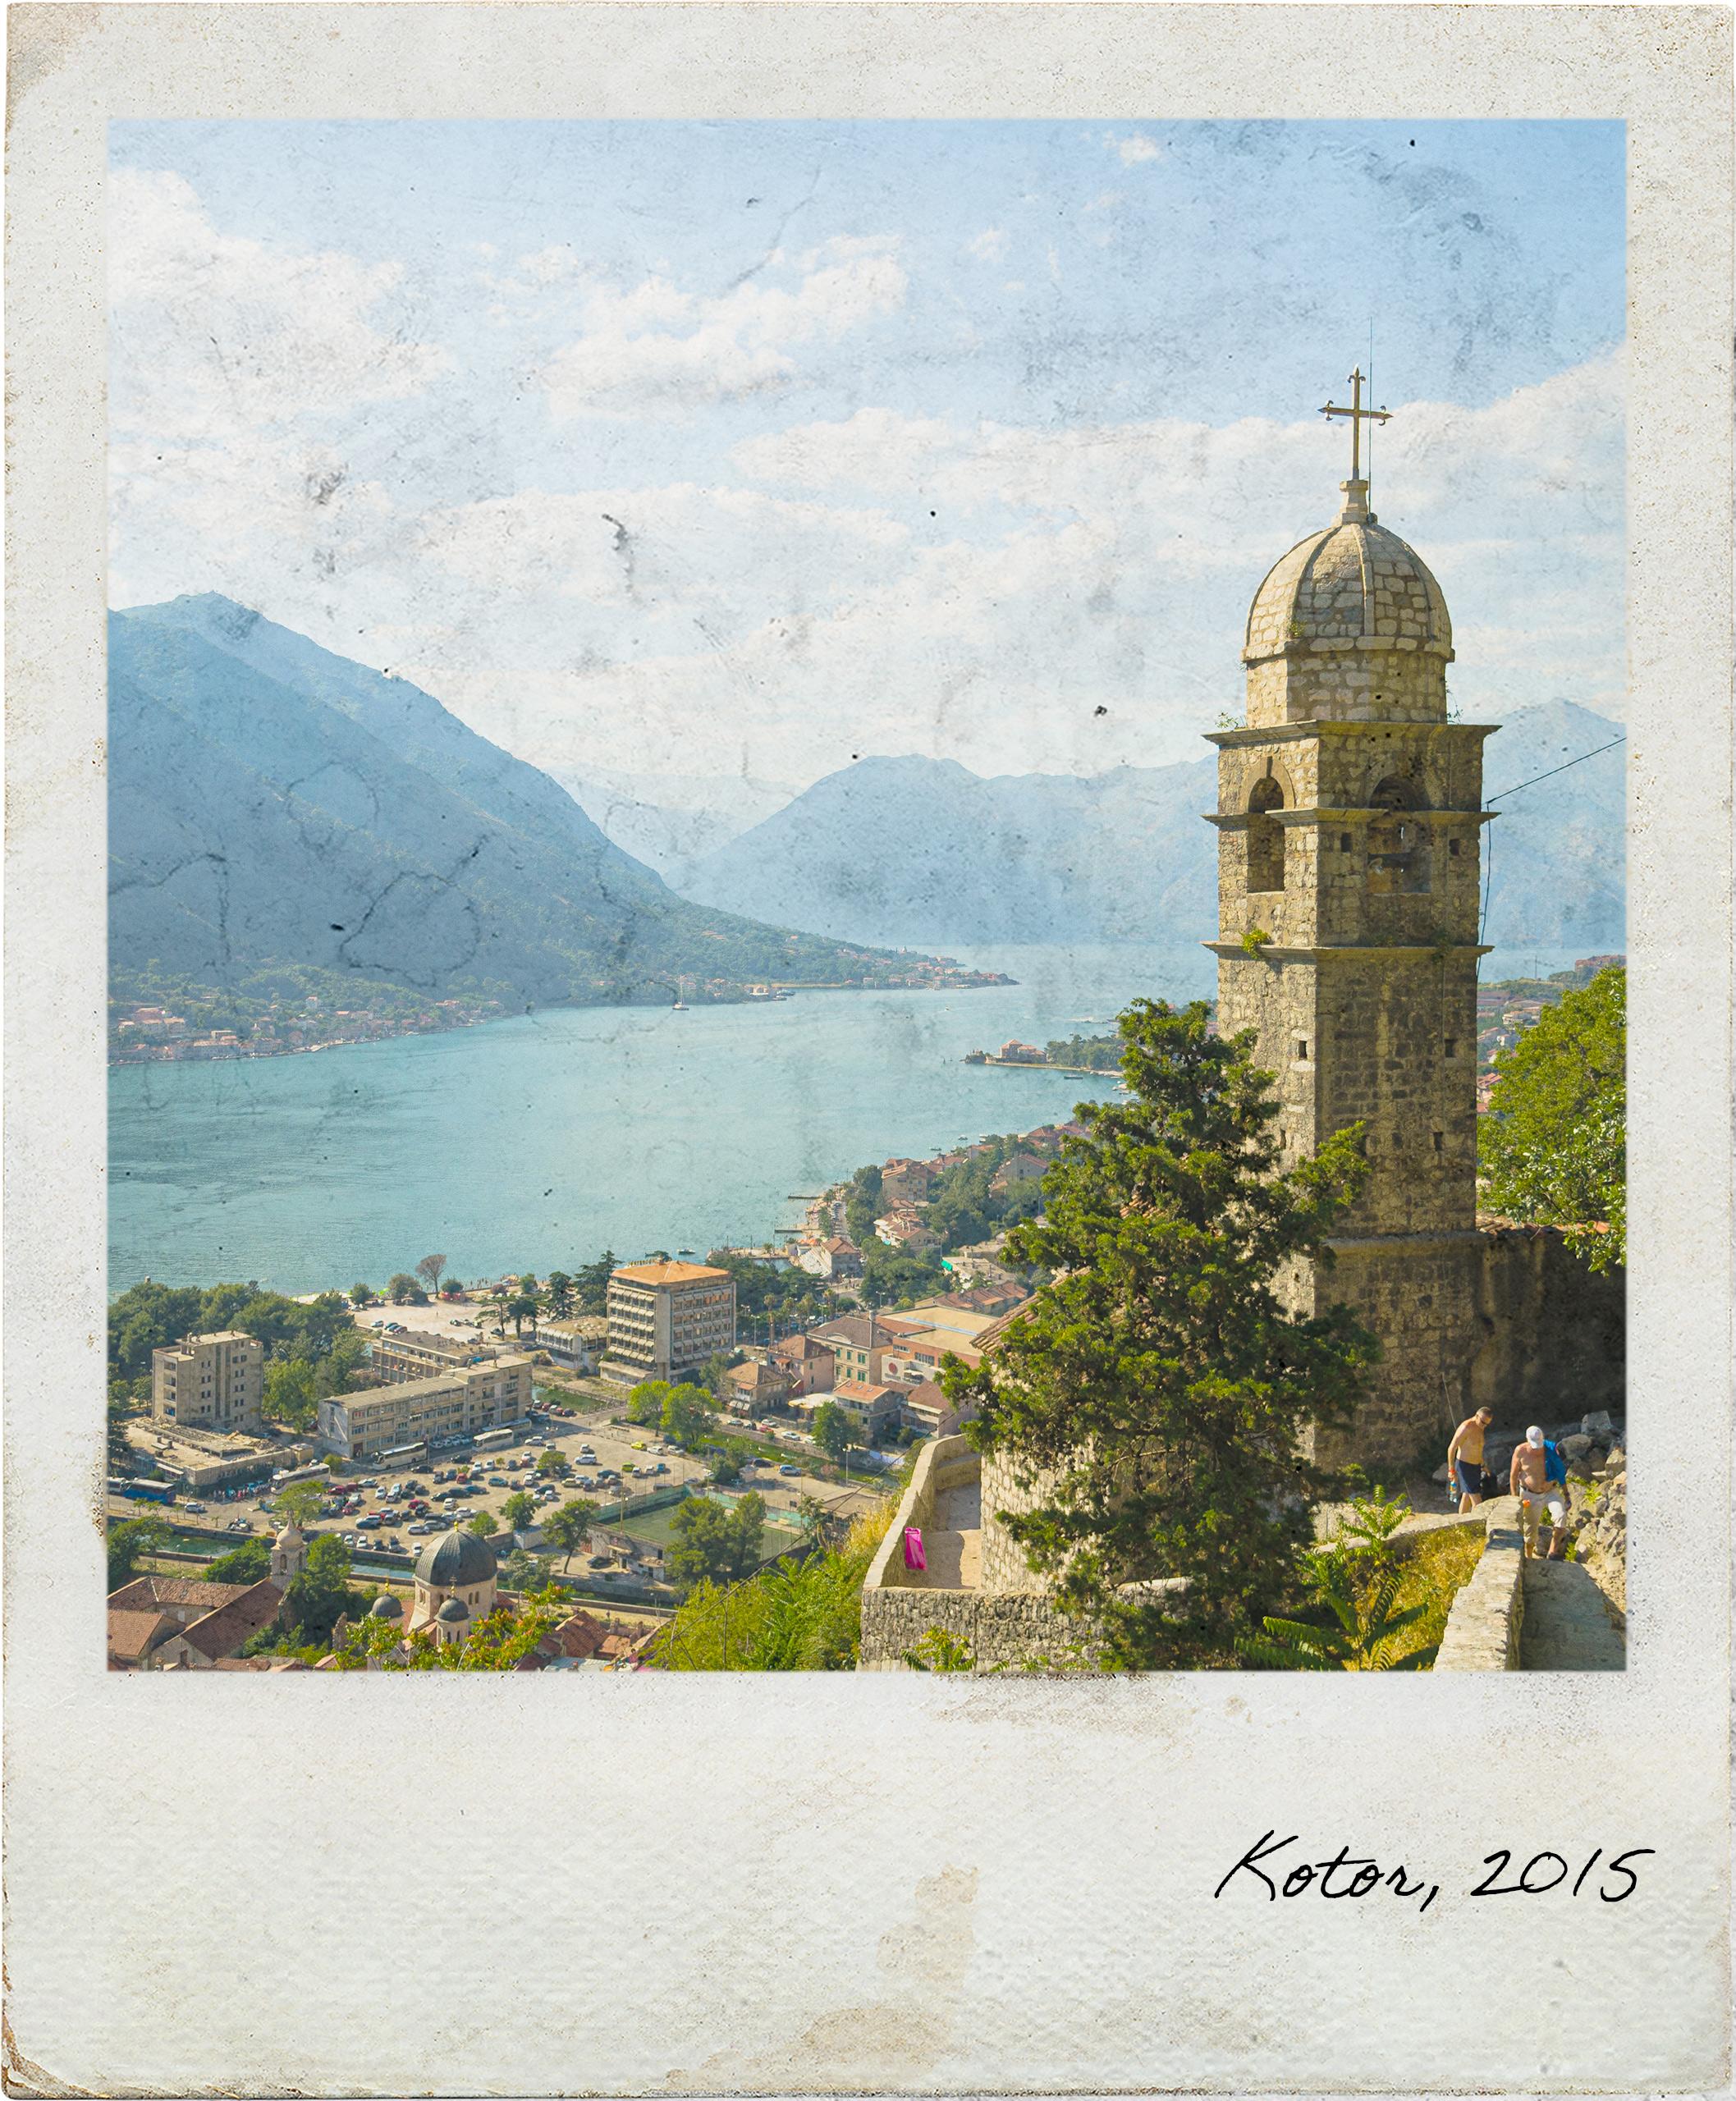 Baia de Kotor com vista para a torre da Igreja de Nossa Senhora da Saúde